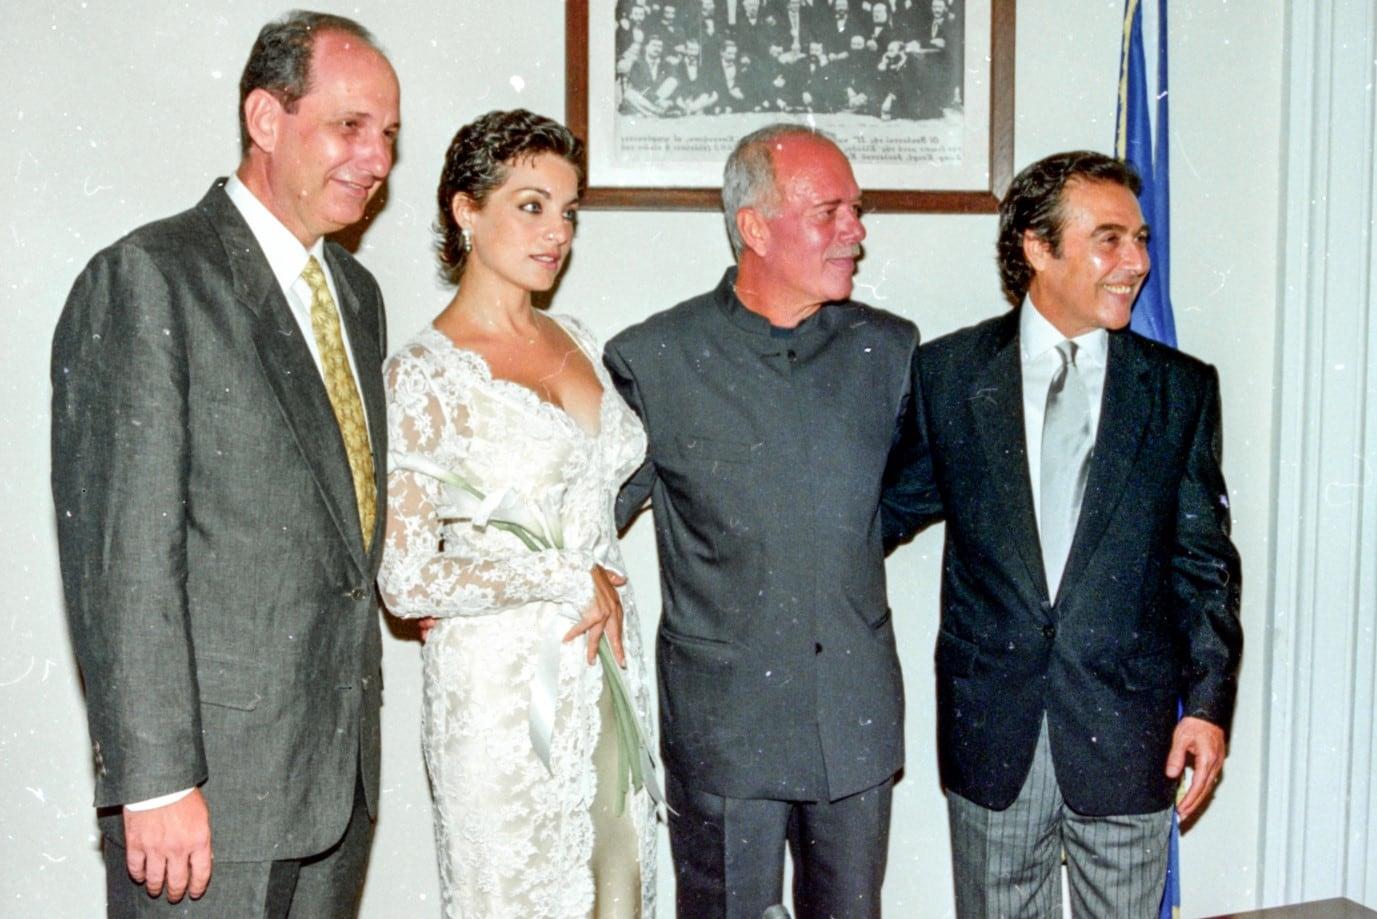 Φωτογραφίες απ' το γάμο Βοσκόπουλου- Γκερέκου με κουμπάρο τον Κουίκ: Με δαντελένιο νυφικό η νύφη